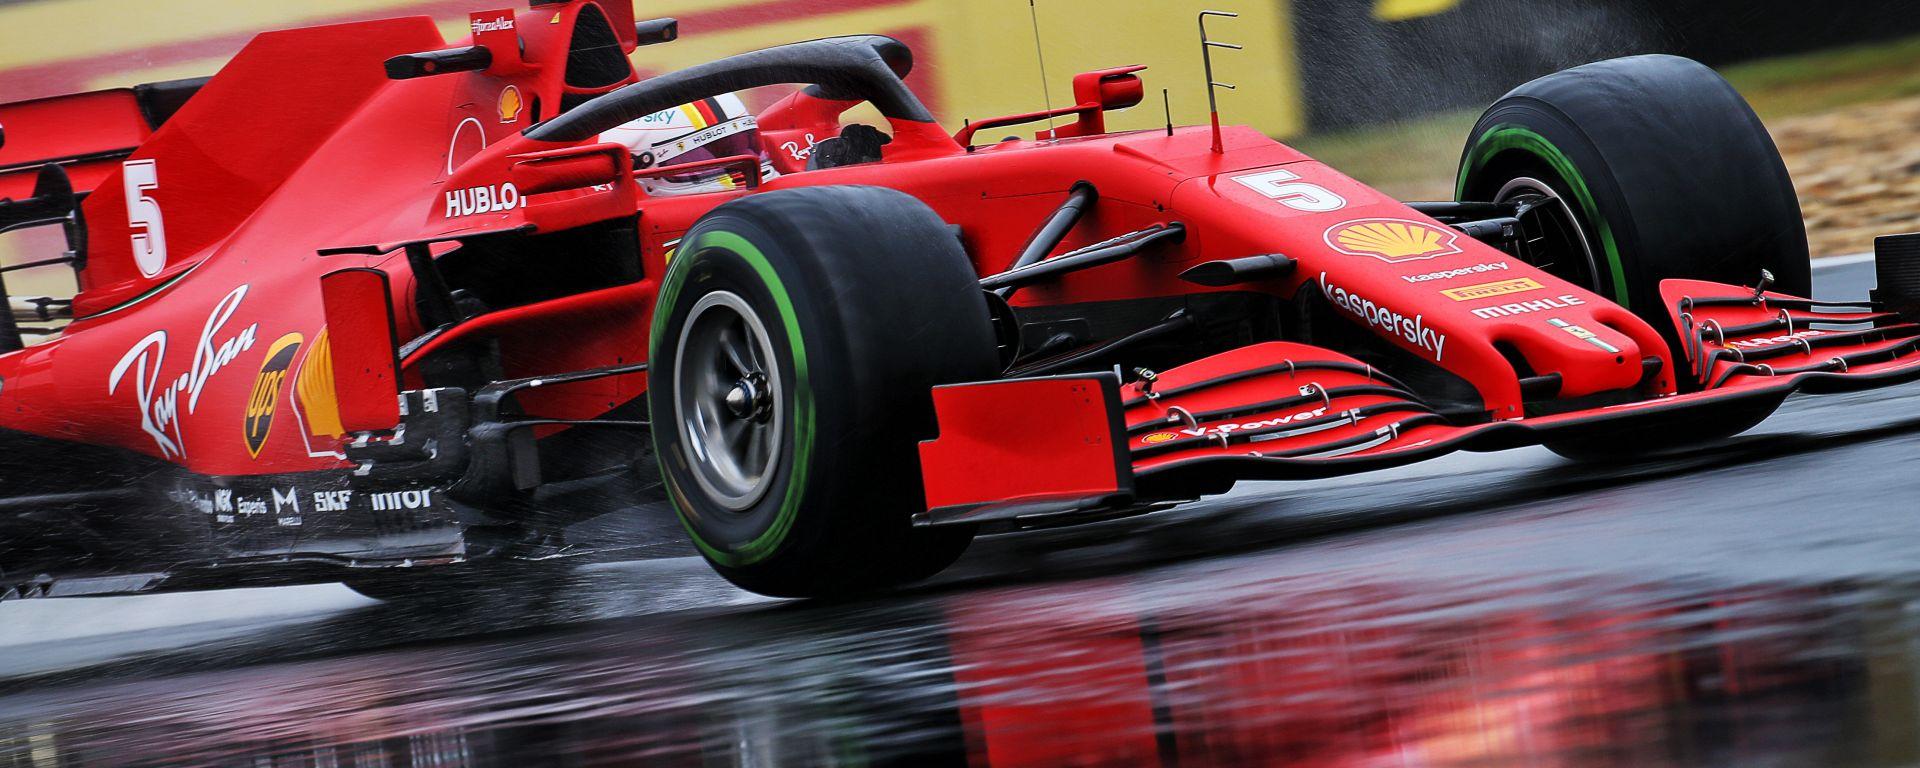 F1 GP Ungheria 2020, Budapest:  Sebastian Vettel (Ferrari)